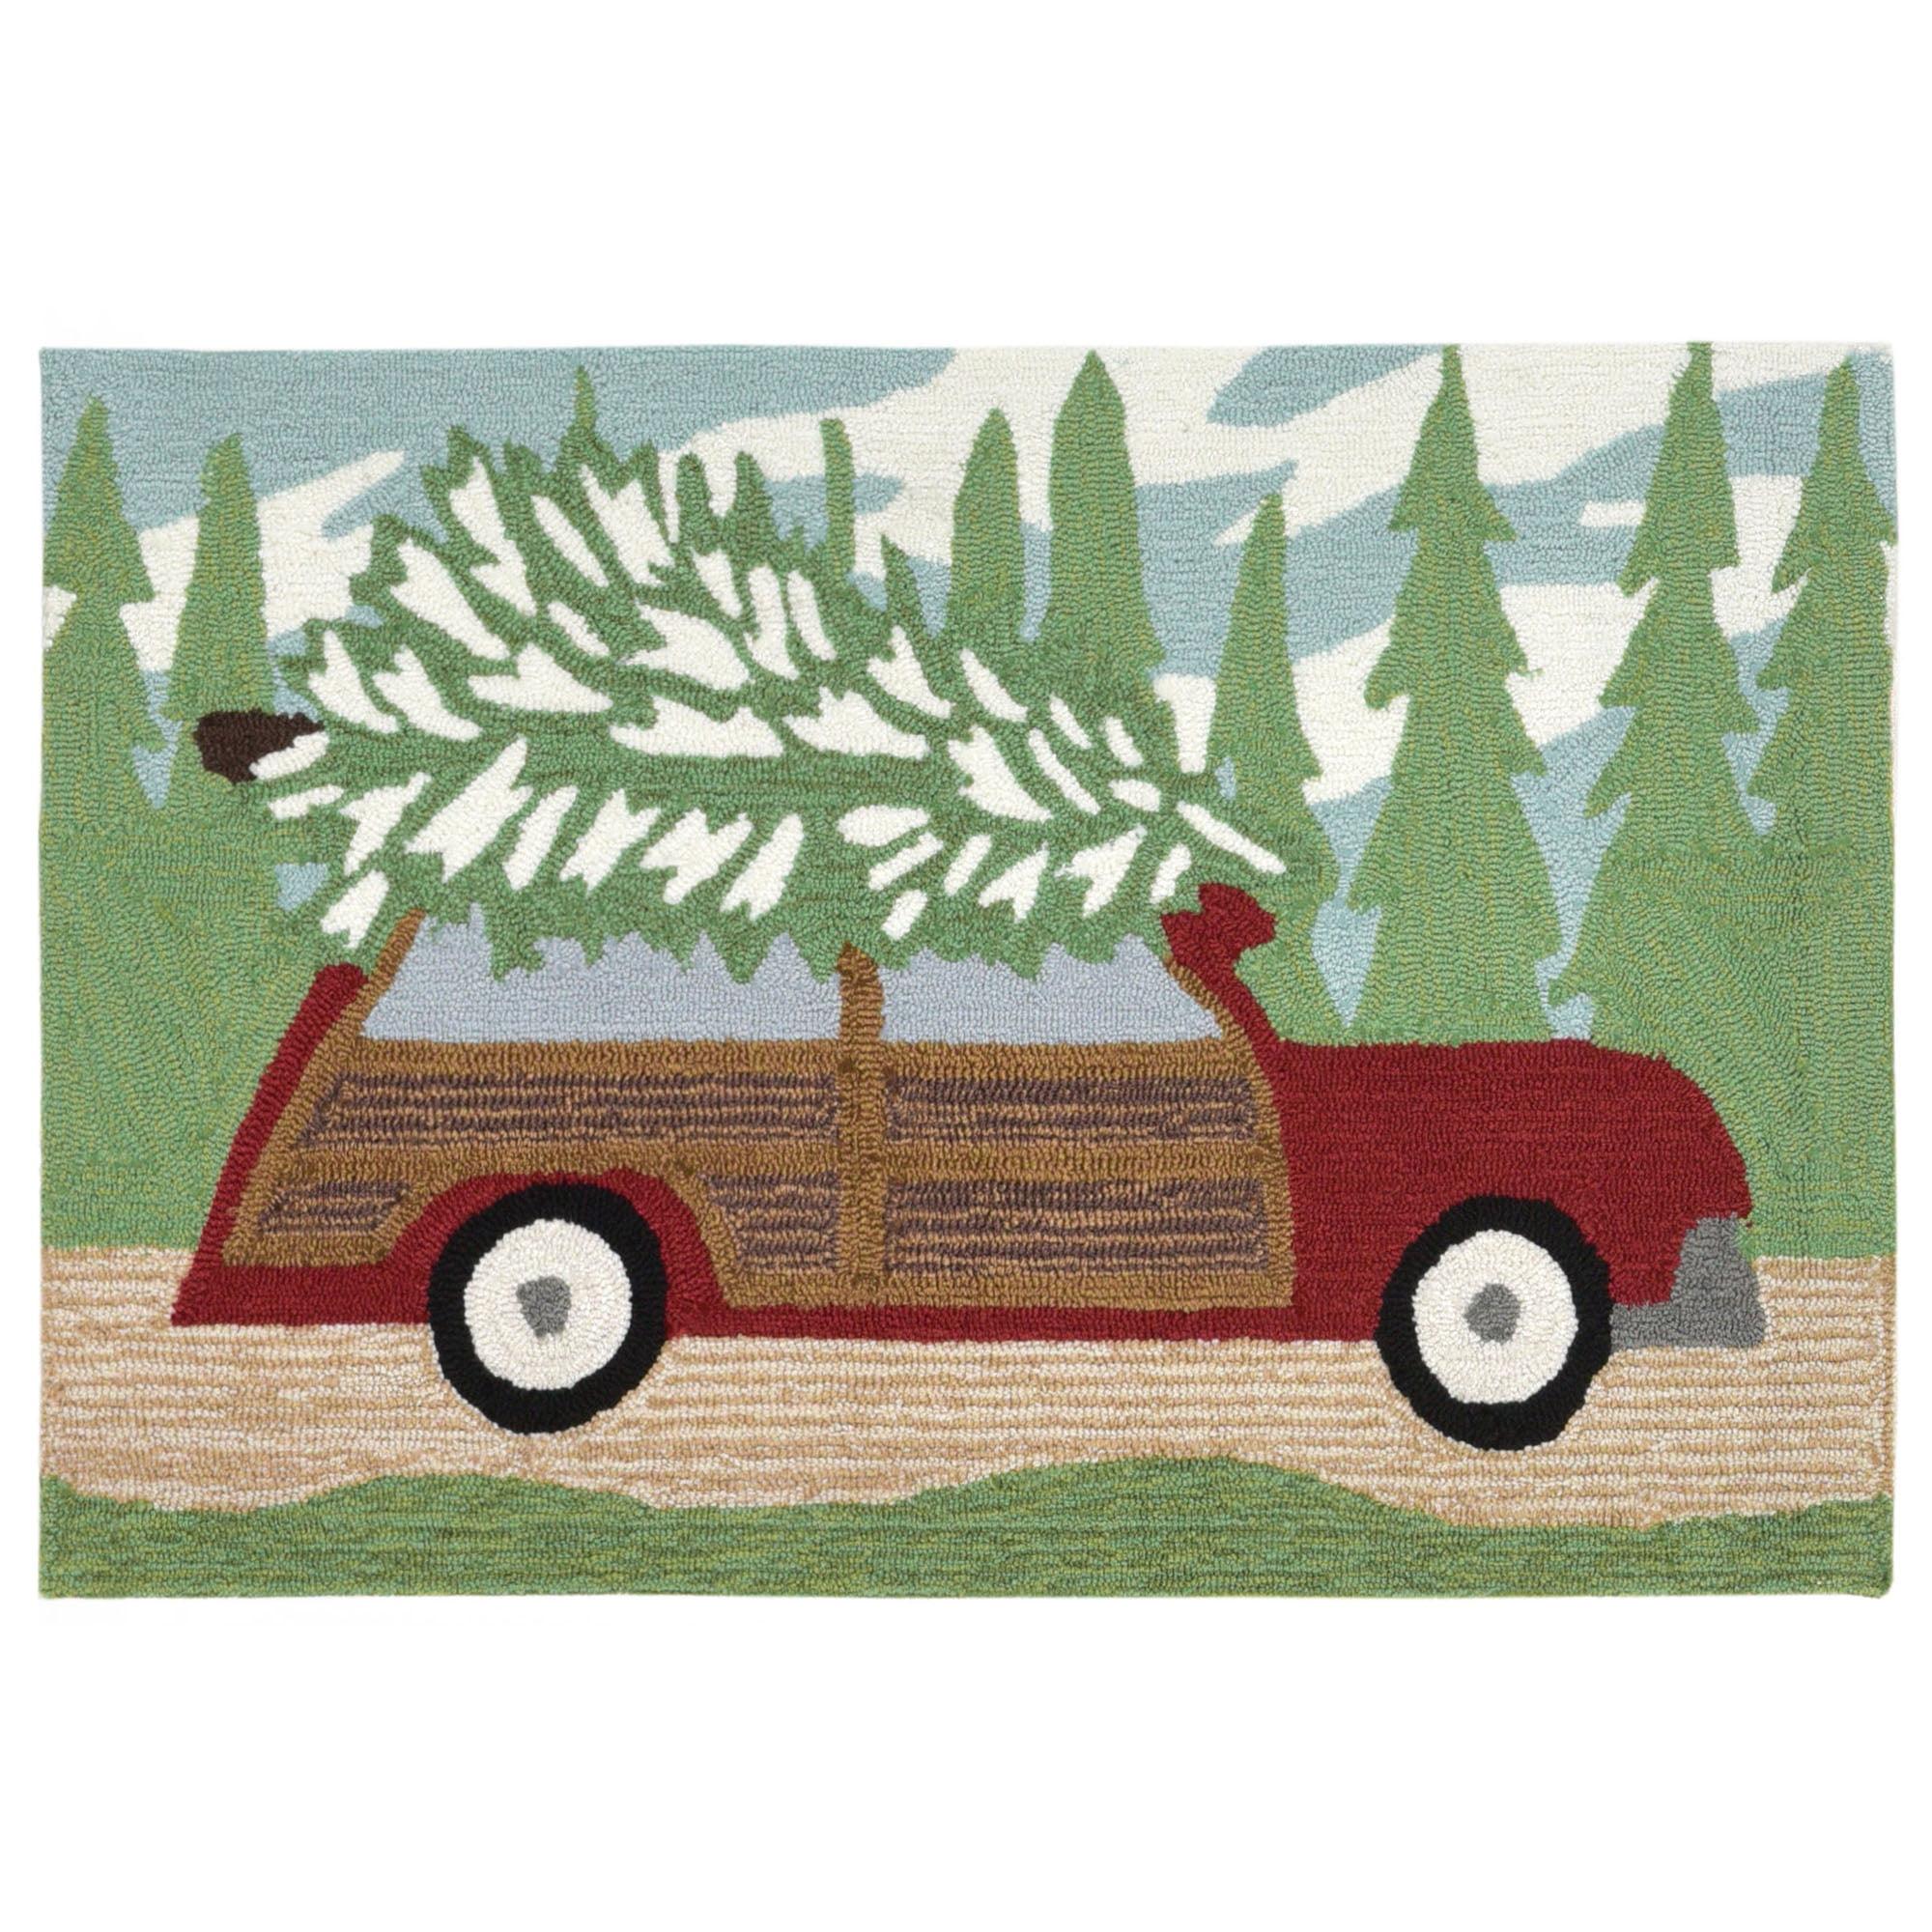 Liora Manne Frontporch 1853/16 Woody Wonderland Pine Area Rug